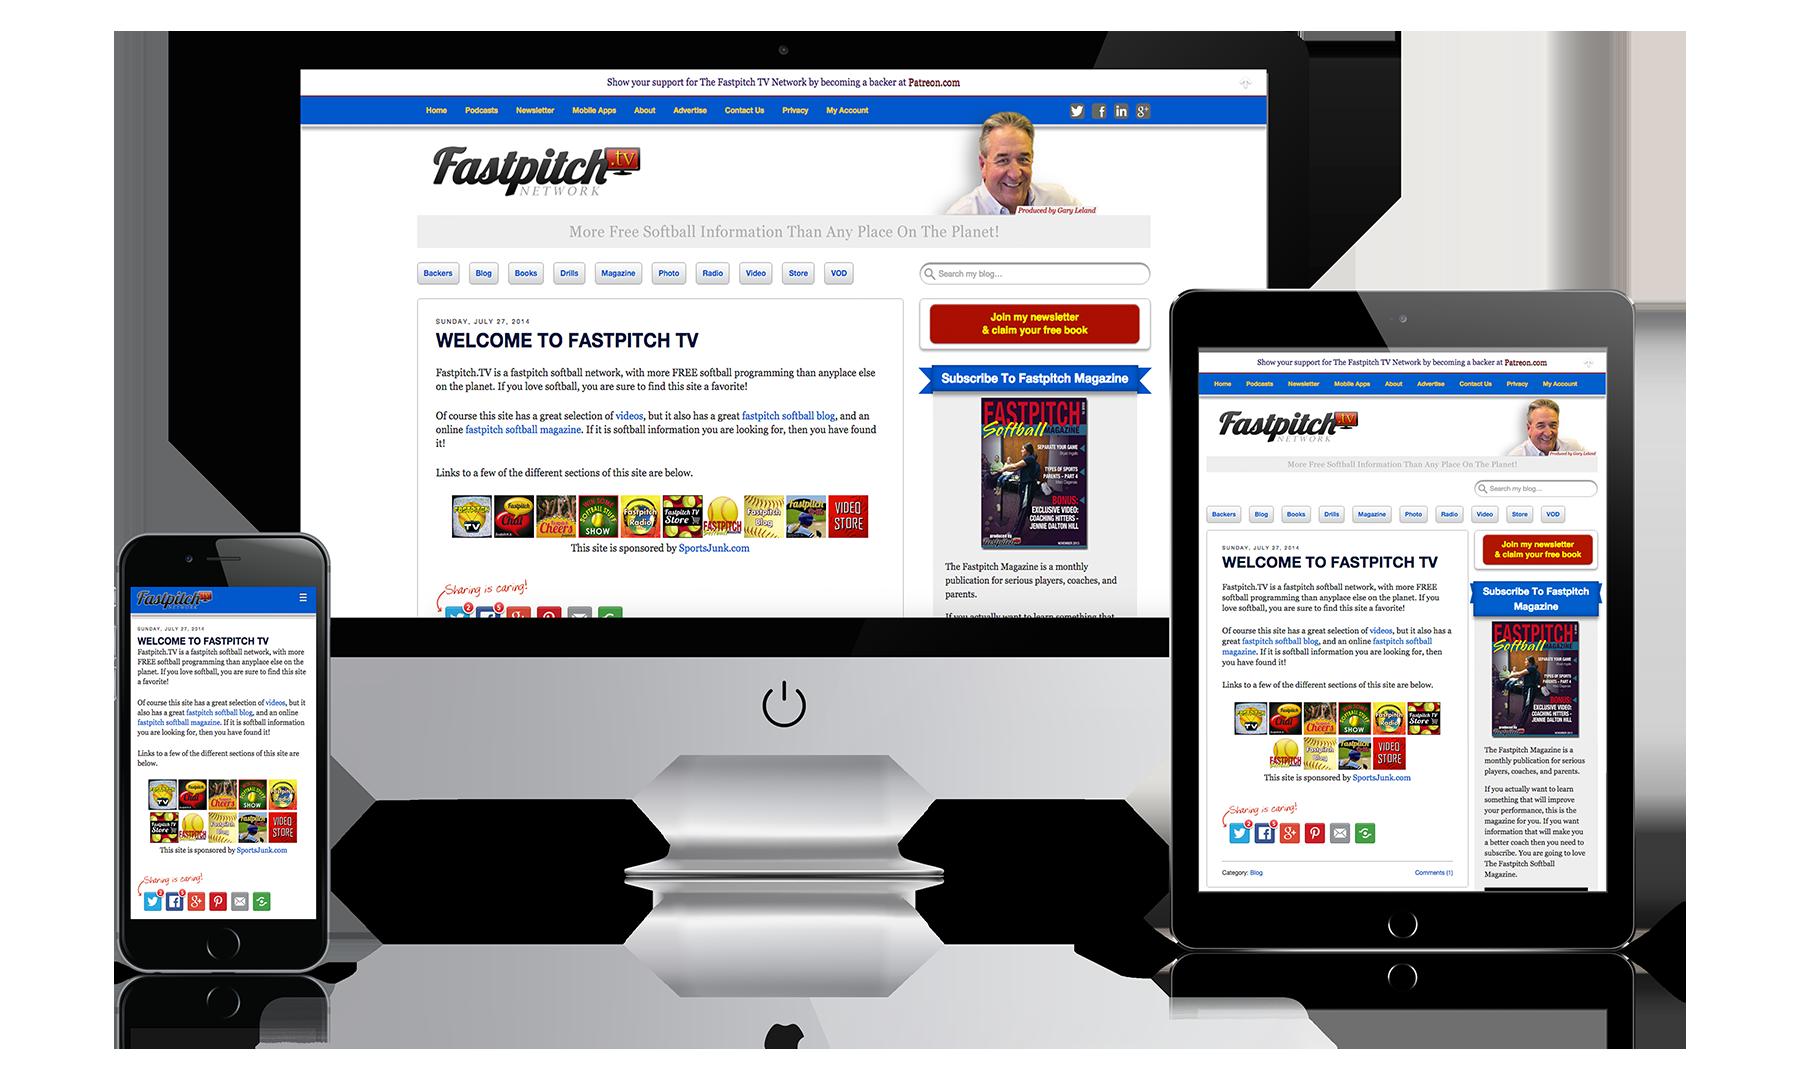 FastpitchTV Website Mockup